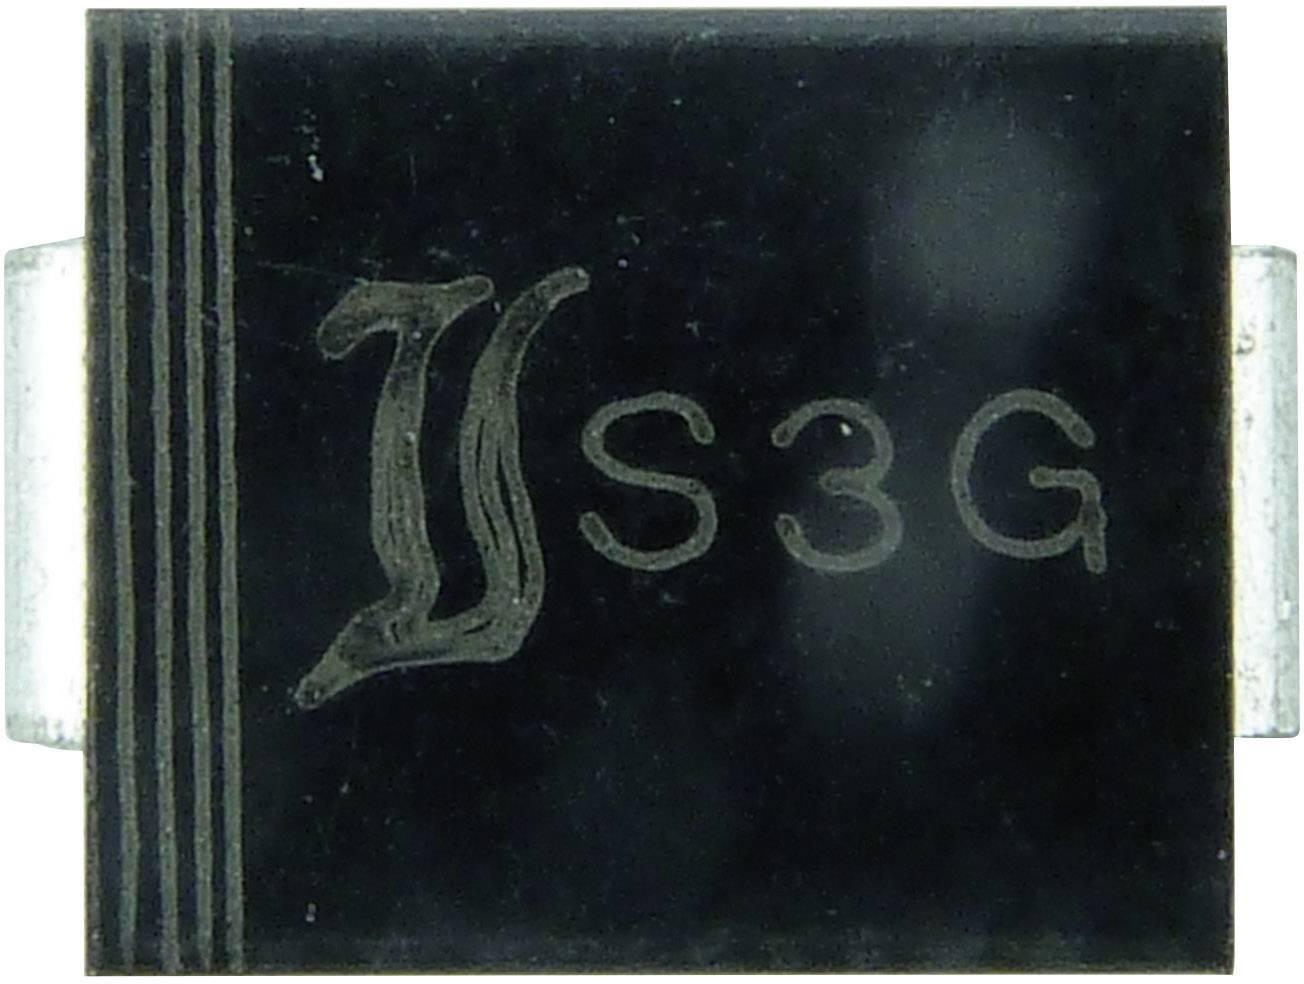 Dióda Z Diotec Z3SMC6.8, DO-214AB, zener. napätie 6.8 V